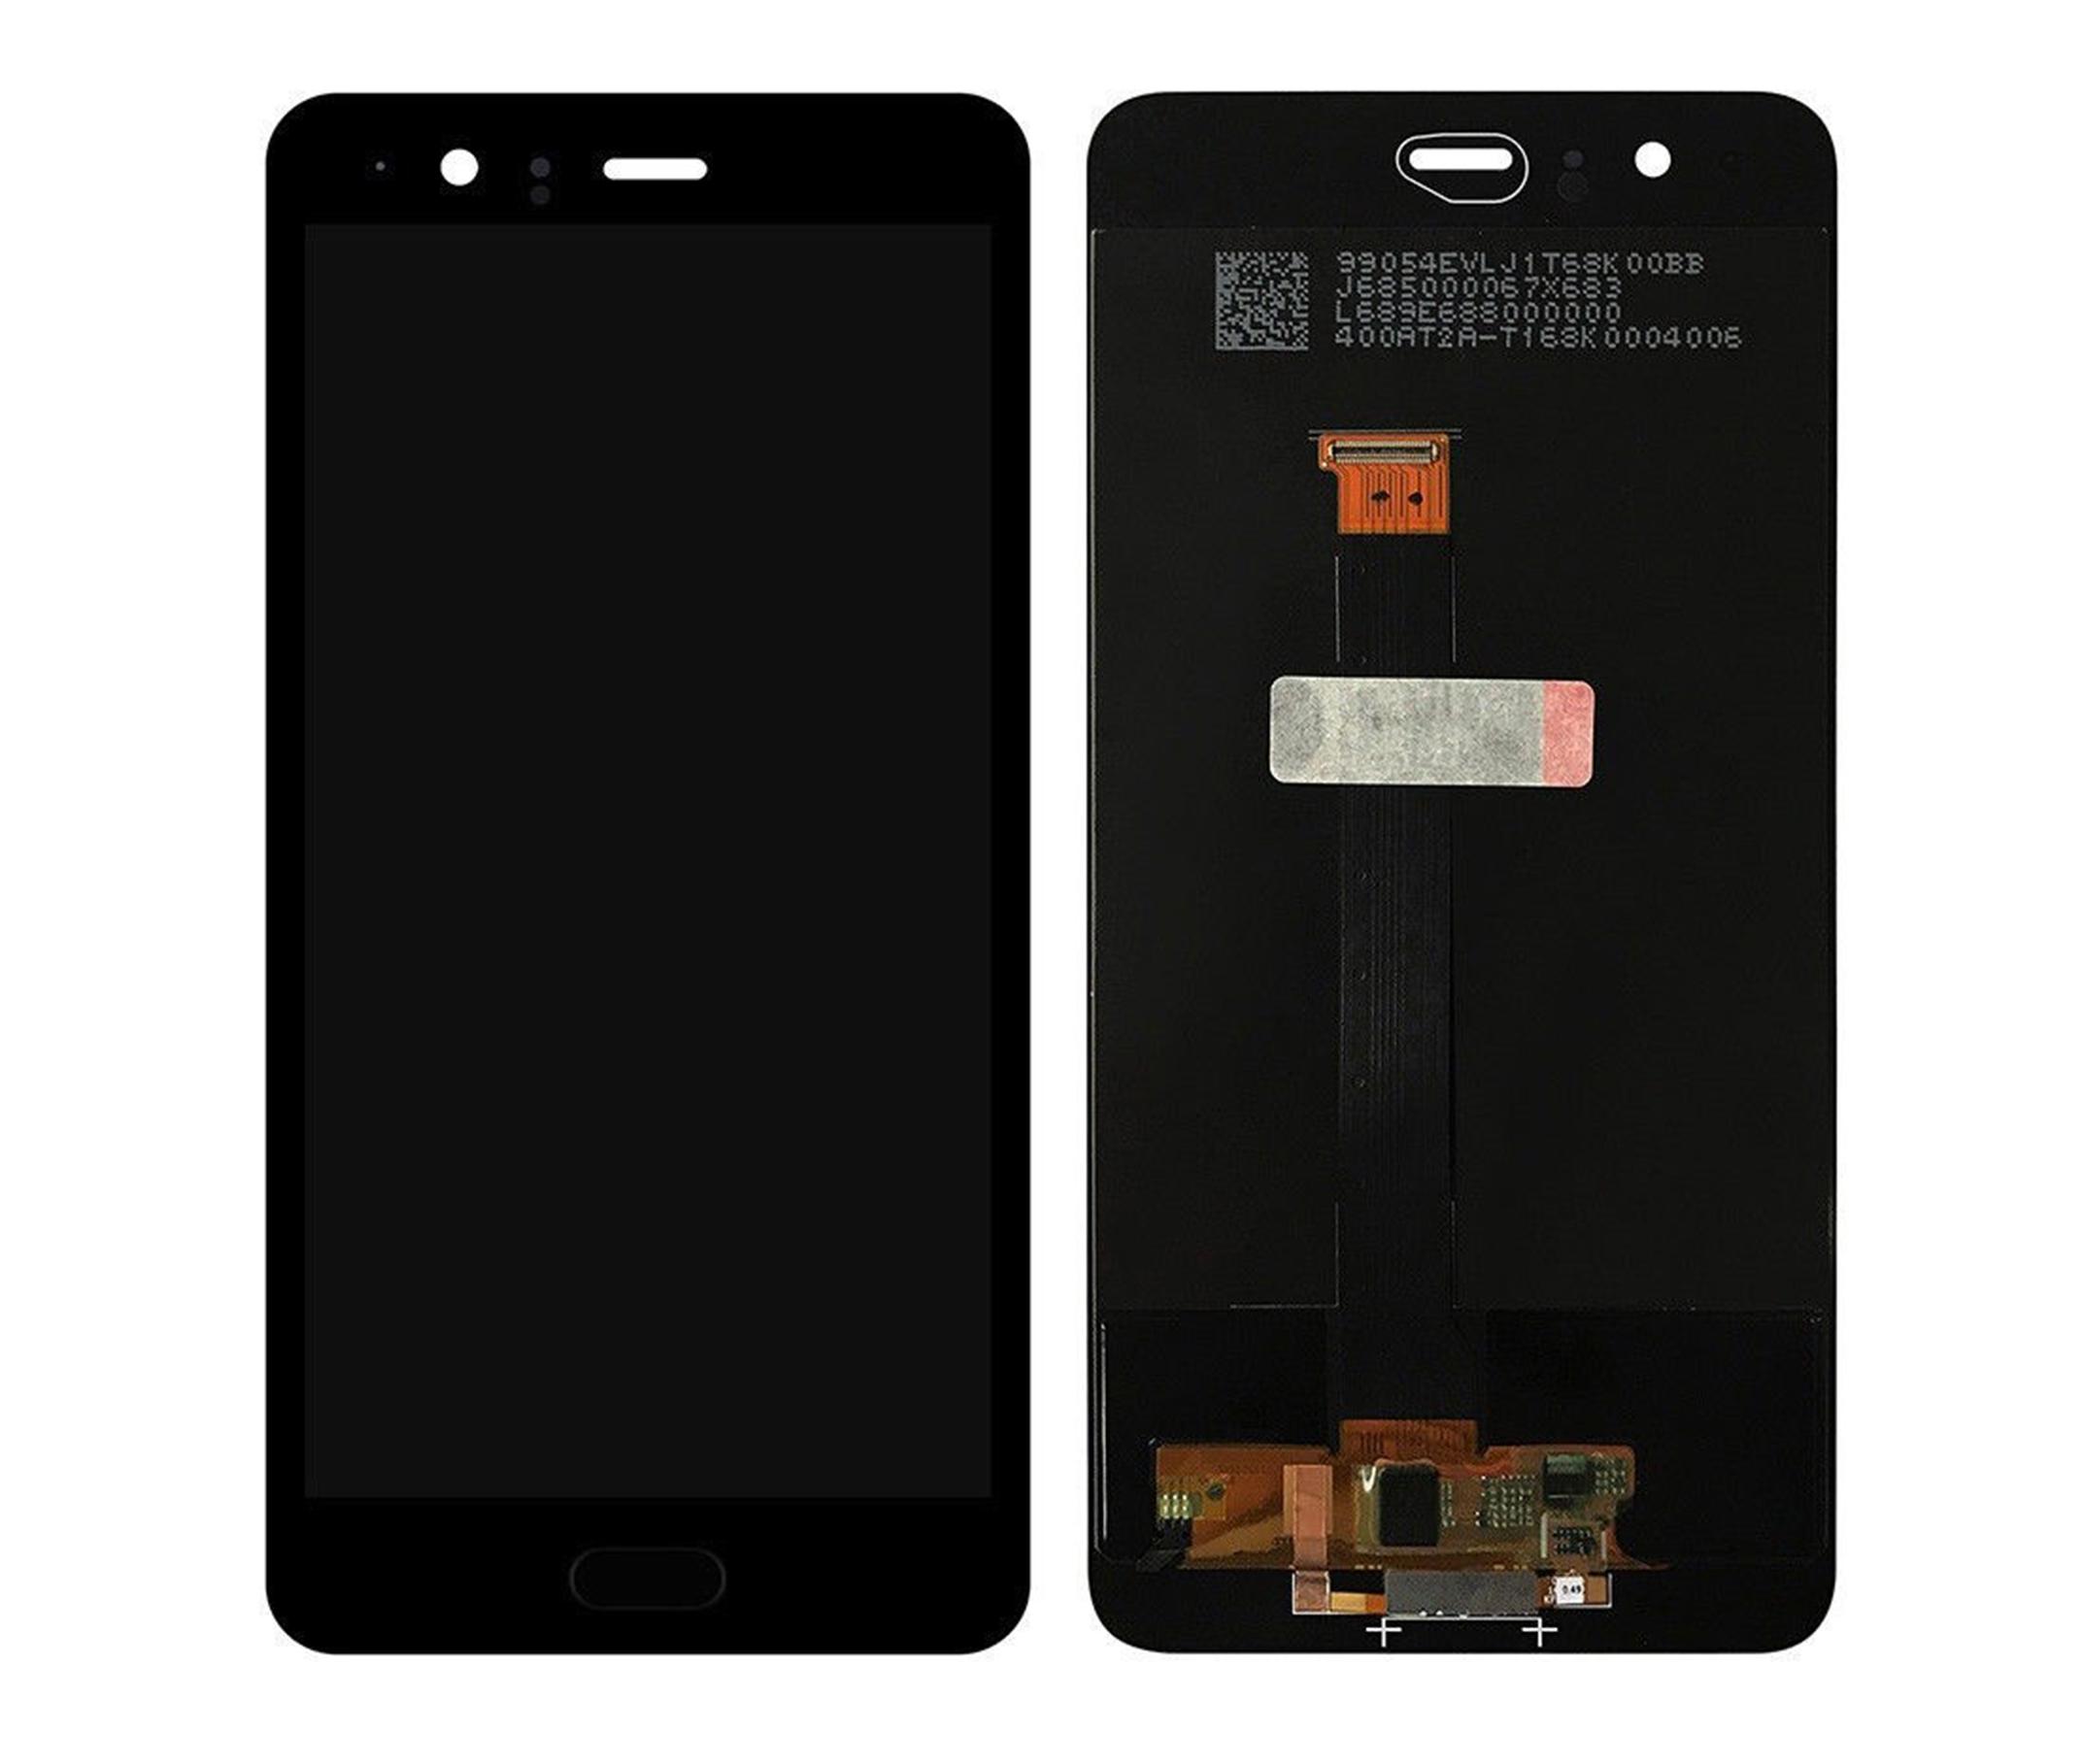 ราคาหน้าจอชุด+ทัชสกรีน Huawei P10 Plus อะไหล่เปลี่ยนหน้าจอแตก ซ่อมจอเสีย สีดำ